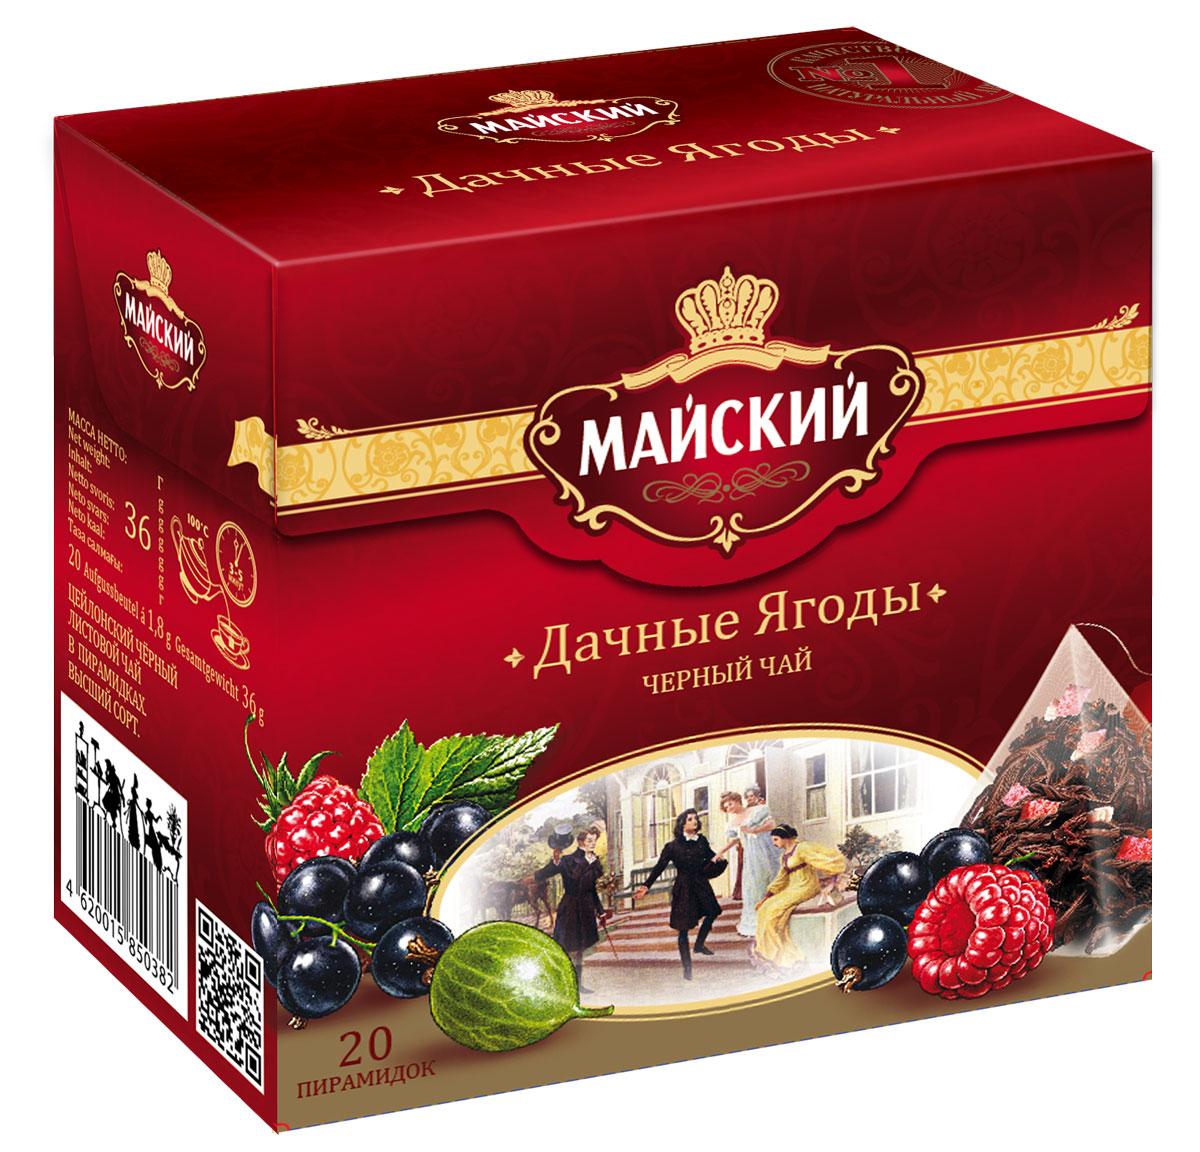 Майский Дачные ягоды черный чай в пирамидках, 20 шт чай черный ароматизированный майский лесные ягоды 25 пакетиков